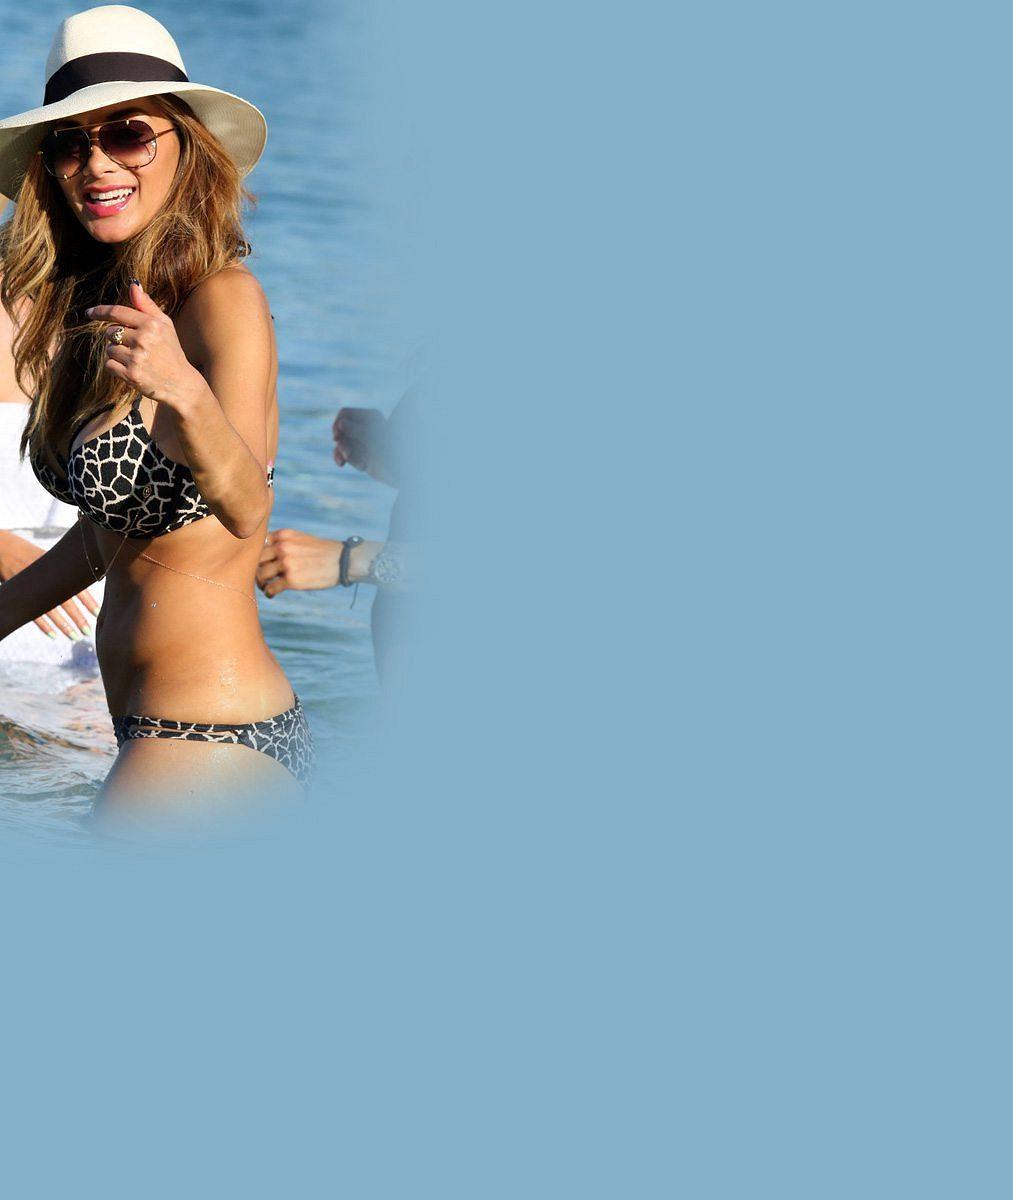 O tohle Hamilton přišel: Nicole Scherzinger slaví sedmatřicetiny ve velkém stylu v bikinách